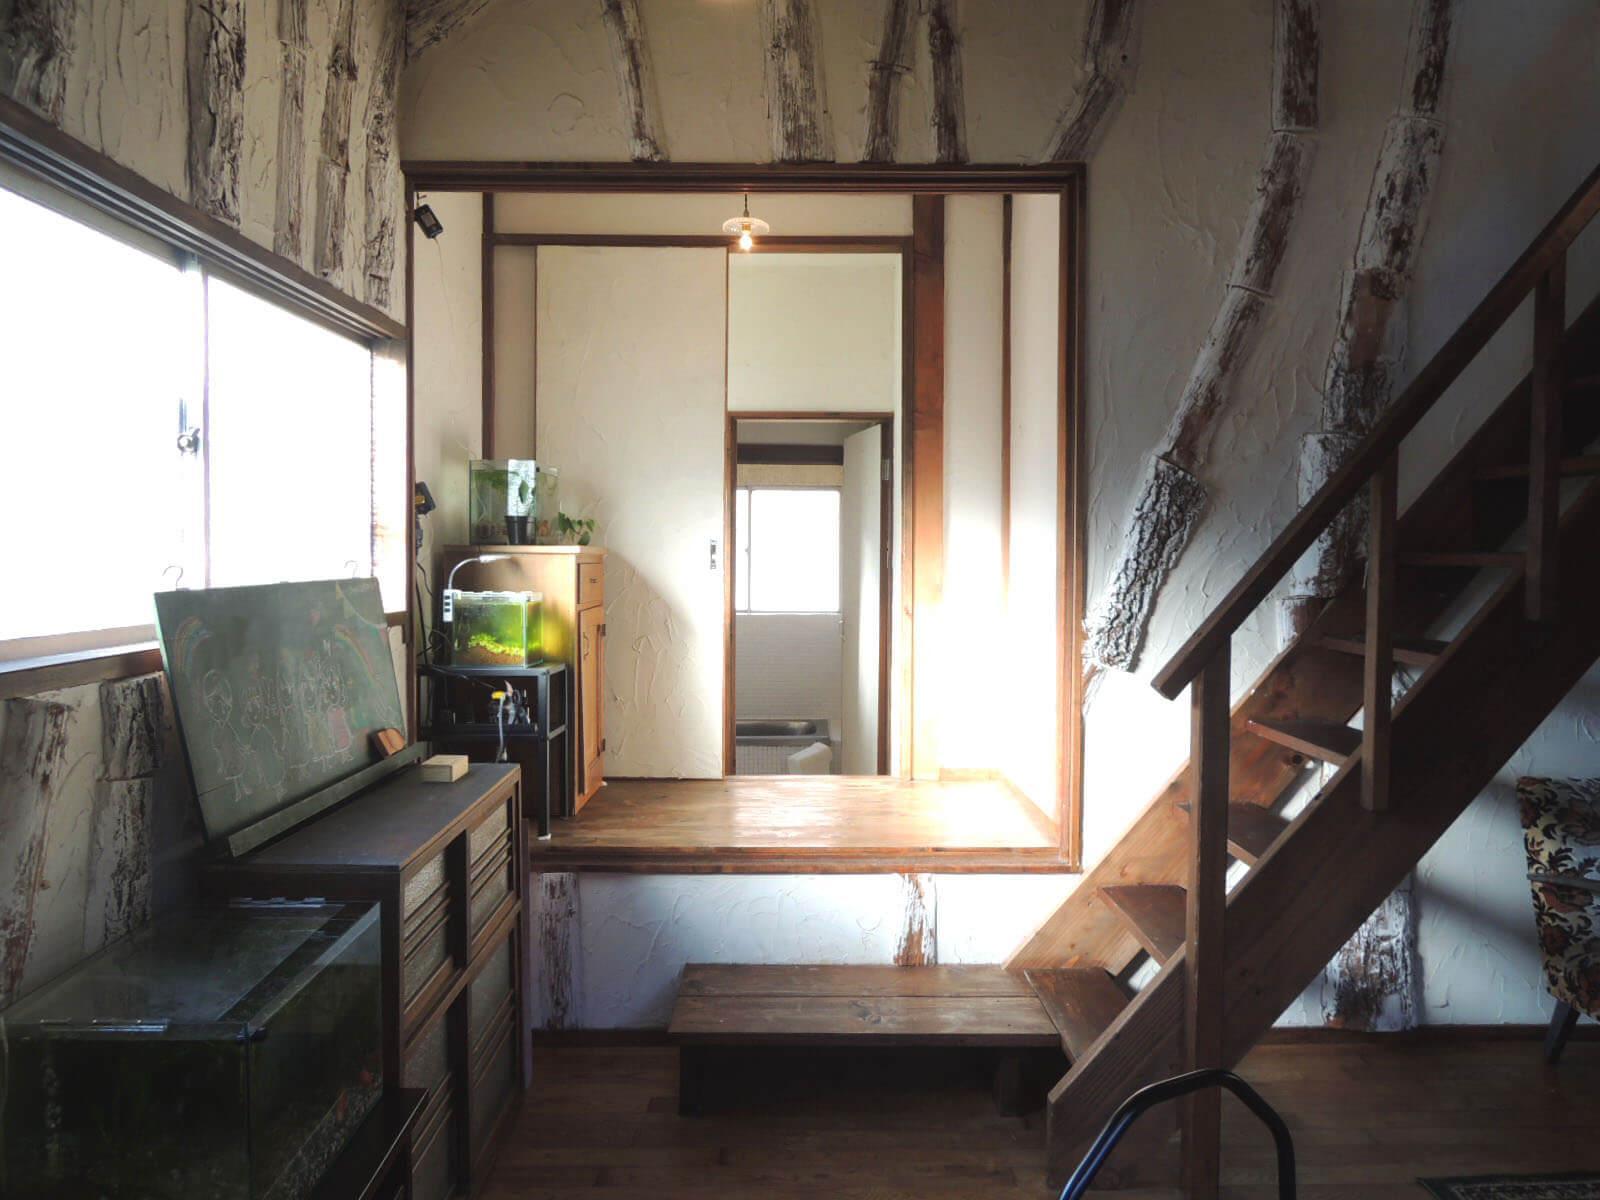 お風呂場と洗面所の入口は、リビングの端のほうに